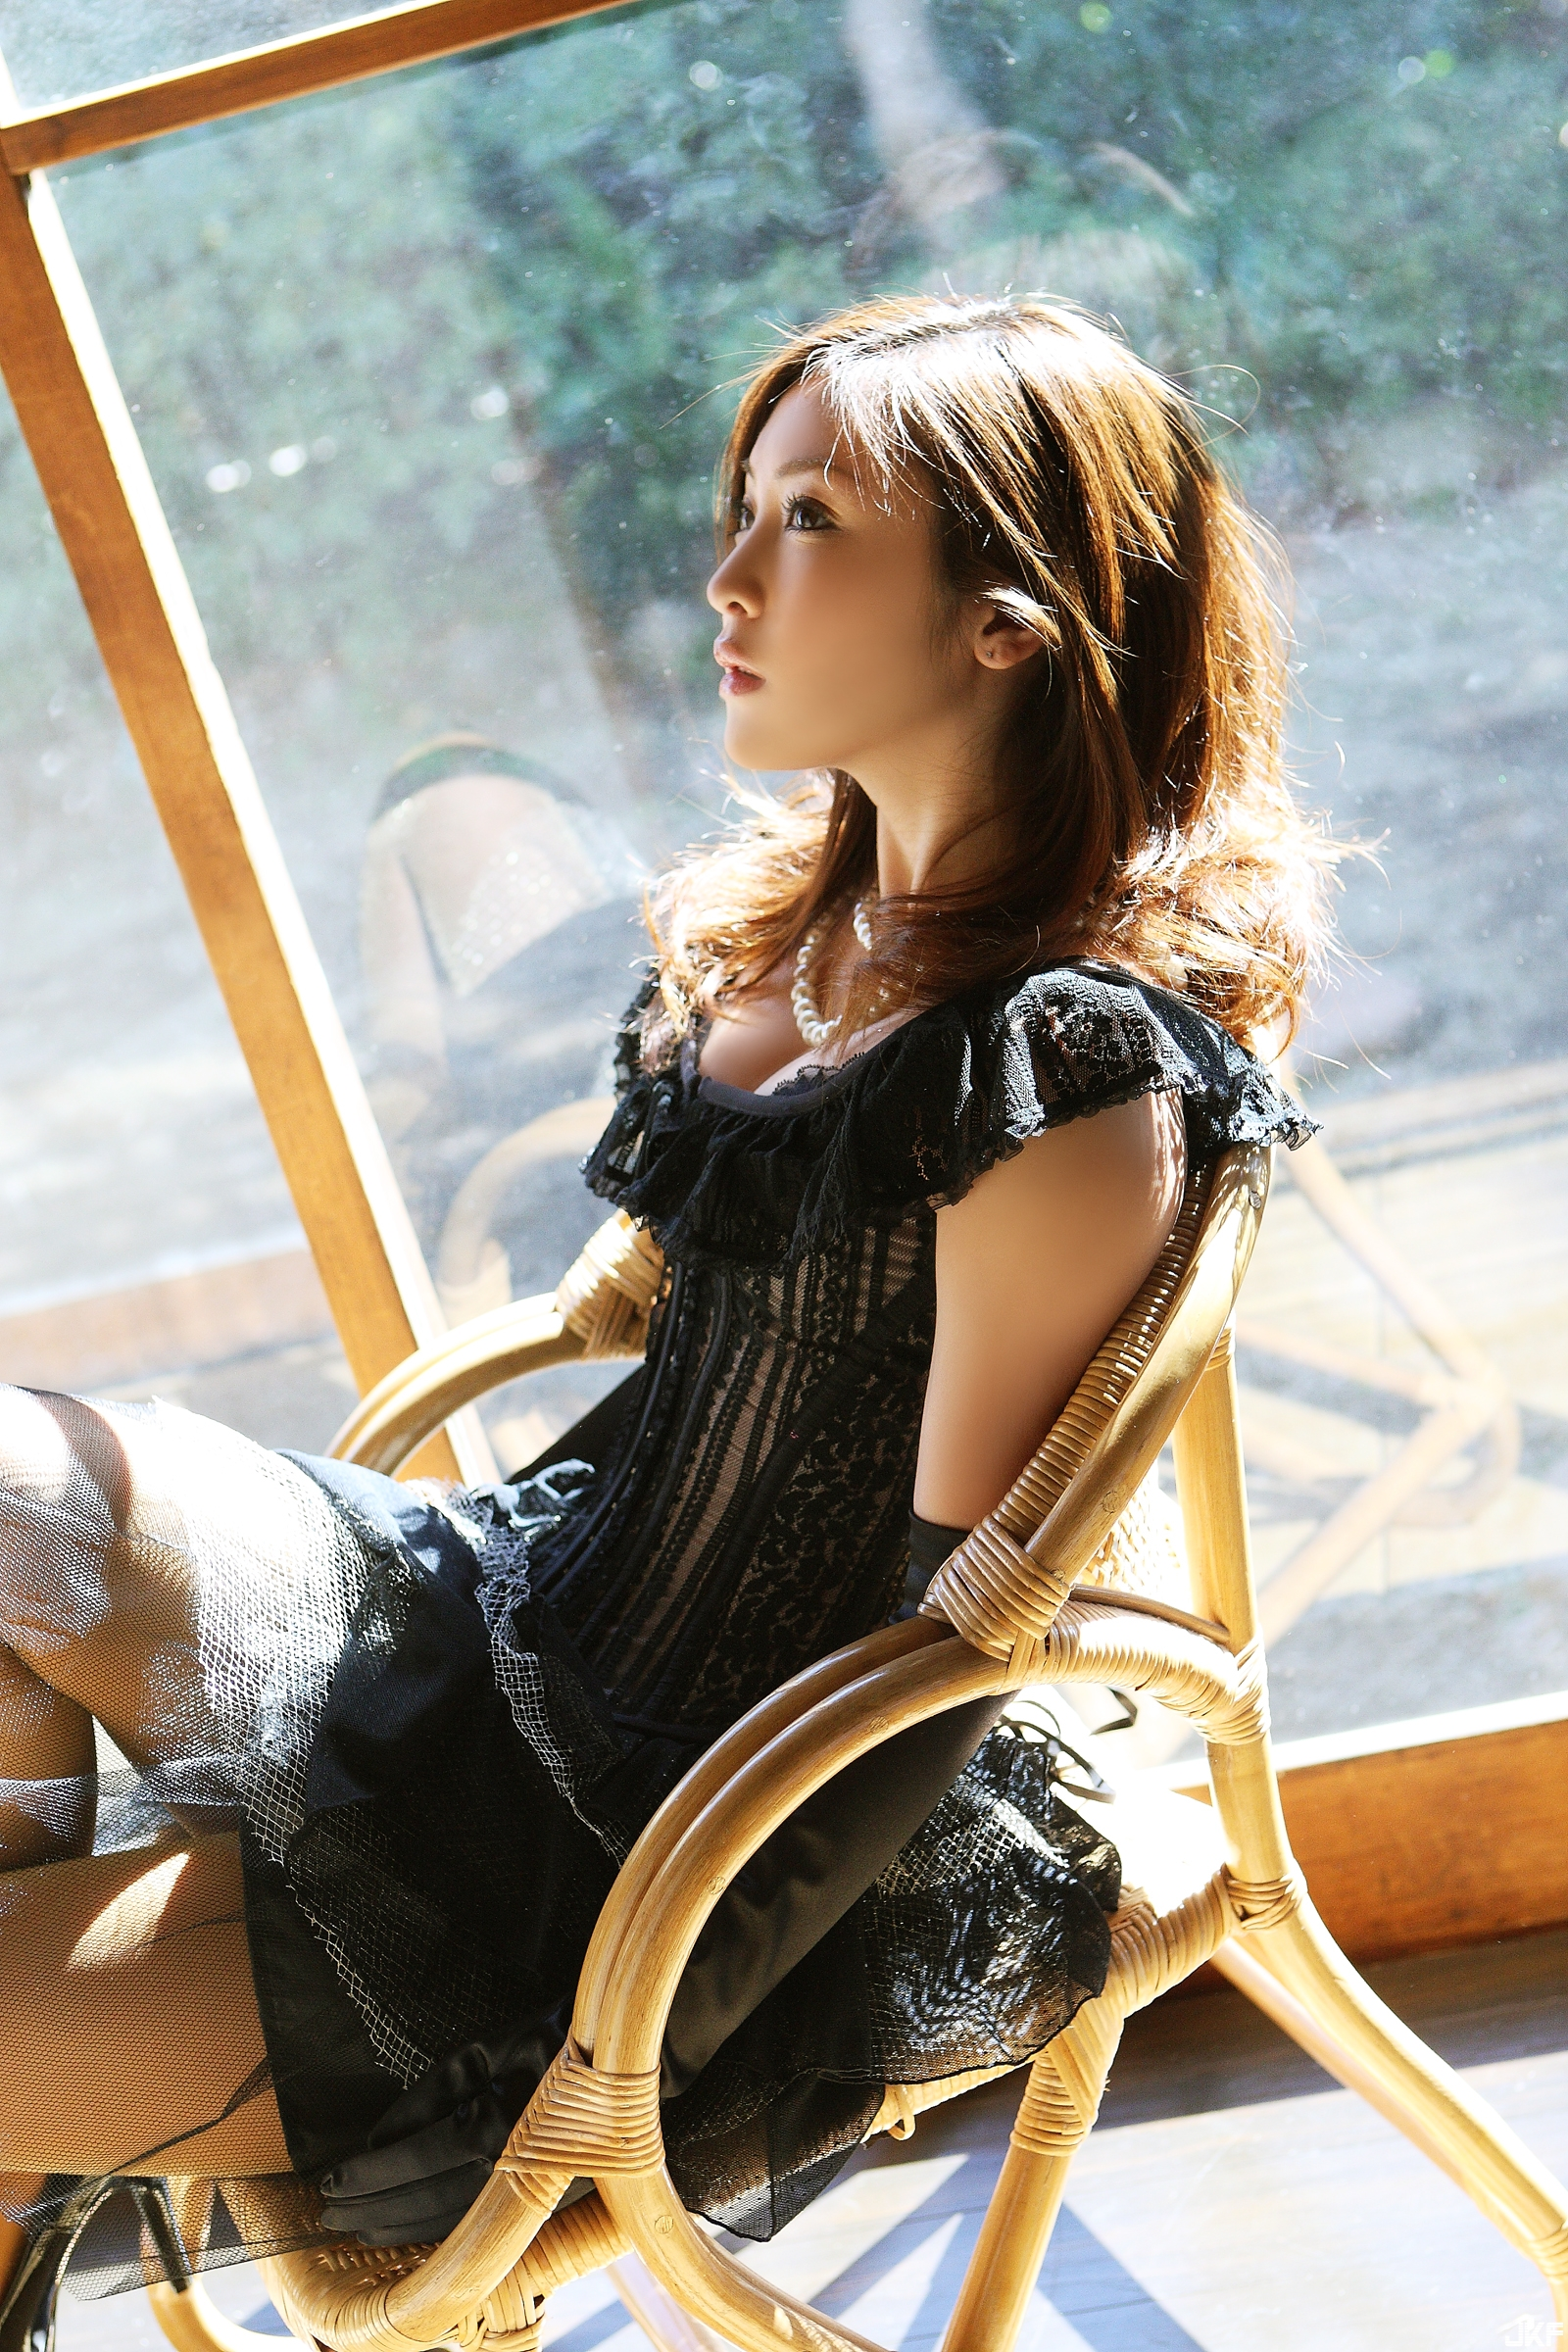 tatsumi-natsuko-574273.jpg